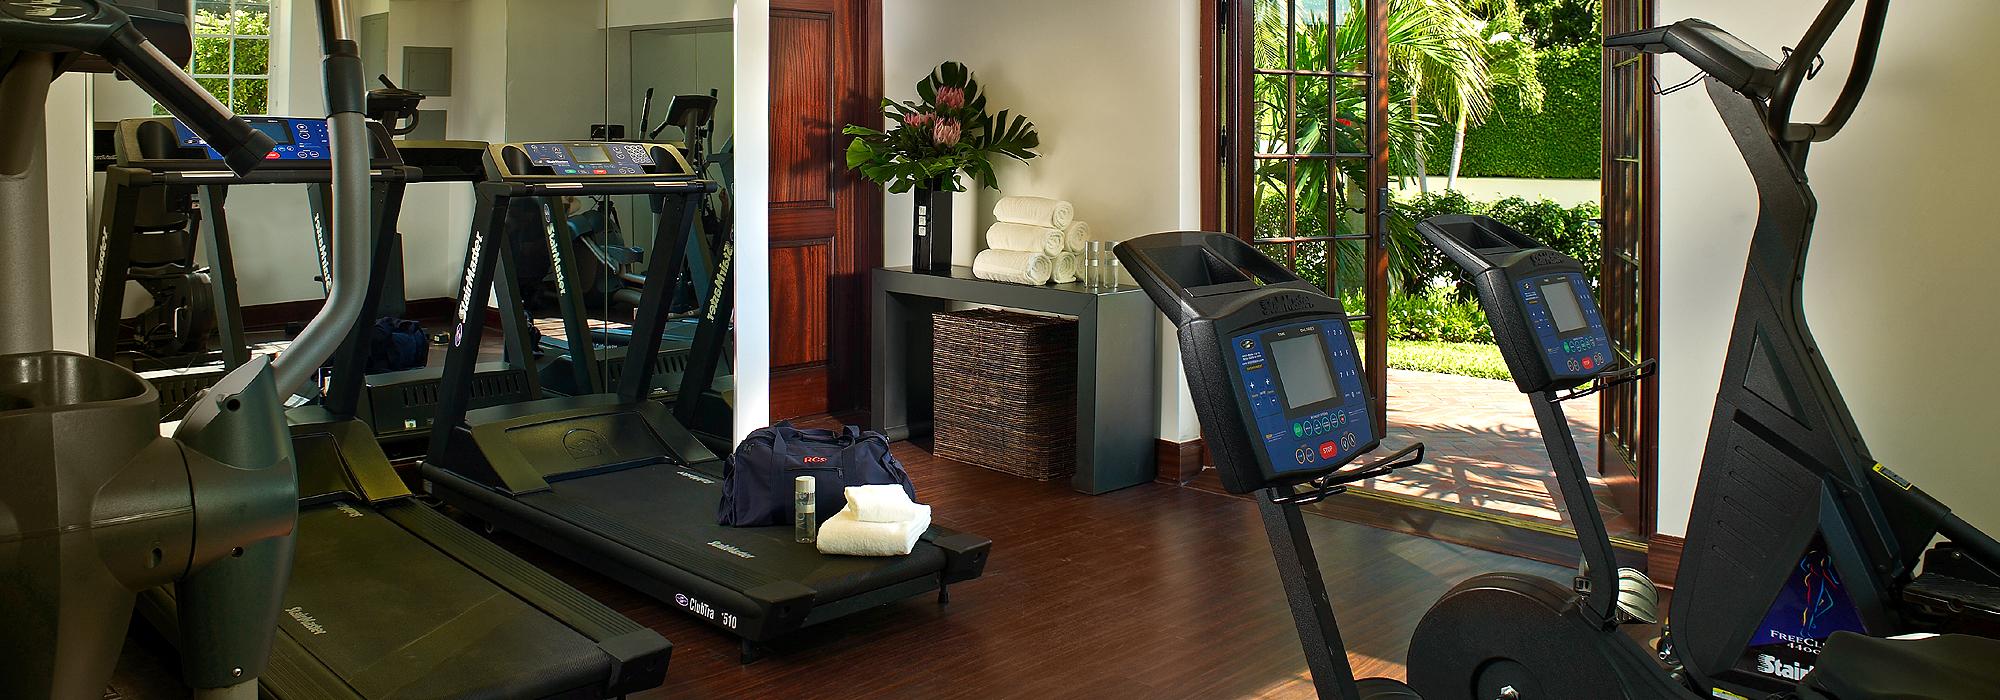 Brazillion Gym 2000x700x12